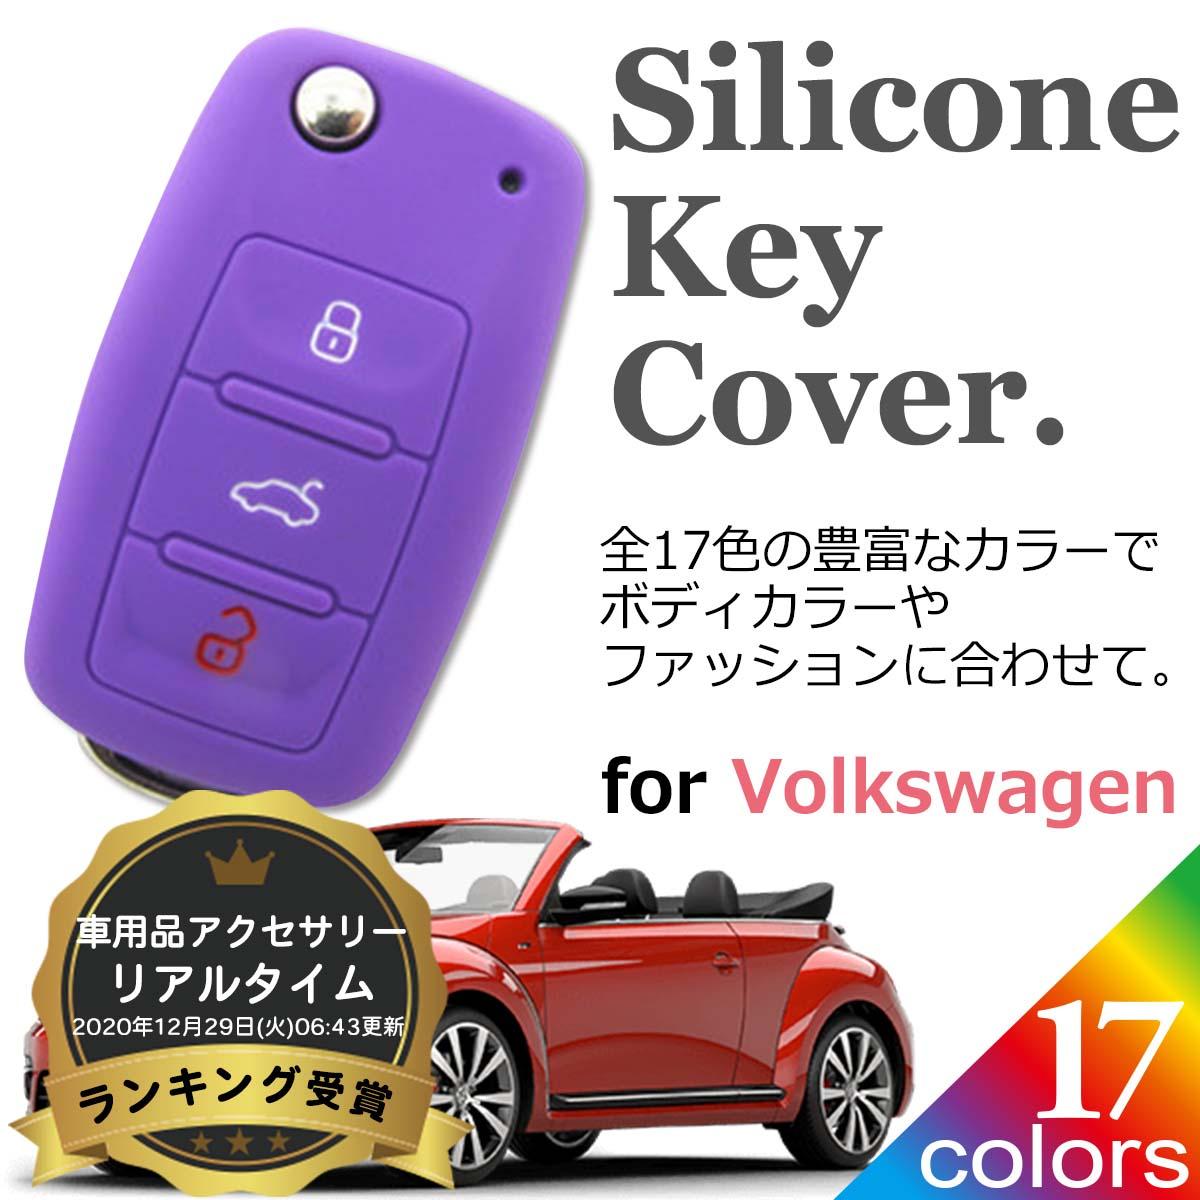 VW SALE開催中 ワーゲン用のシリコン製キー ケース カバーです ワーゲン シリコン ランキング受賞 送料無料 ネグエス 2020春夏新作 キー Negesu カバー